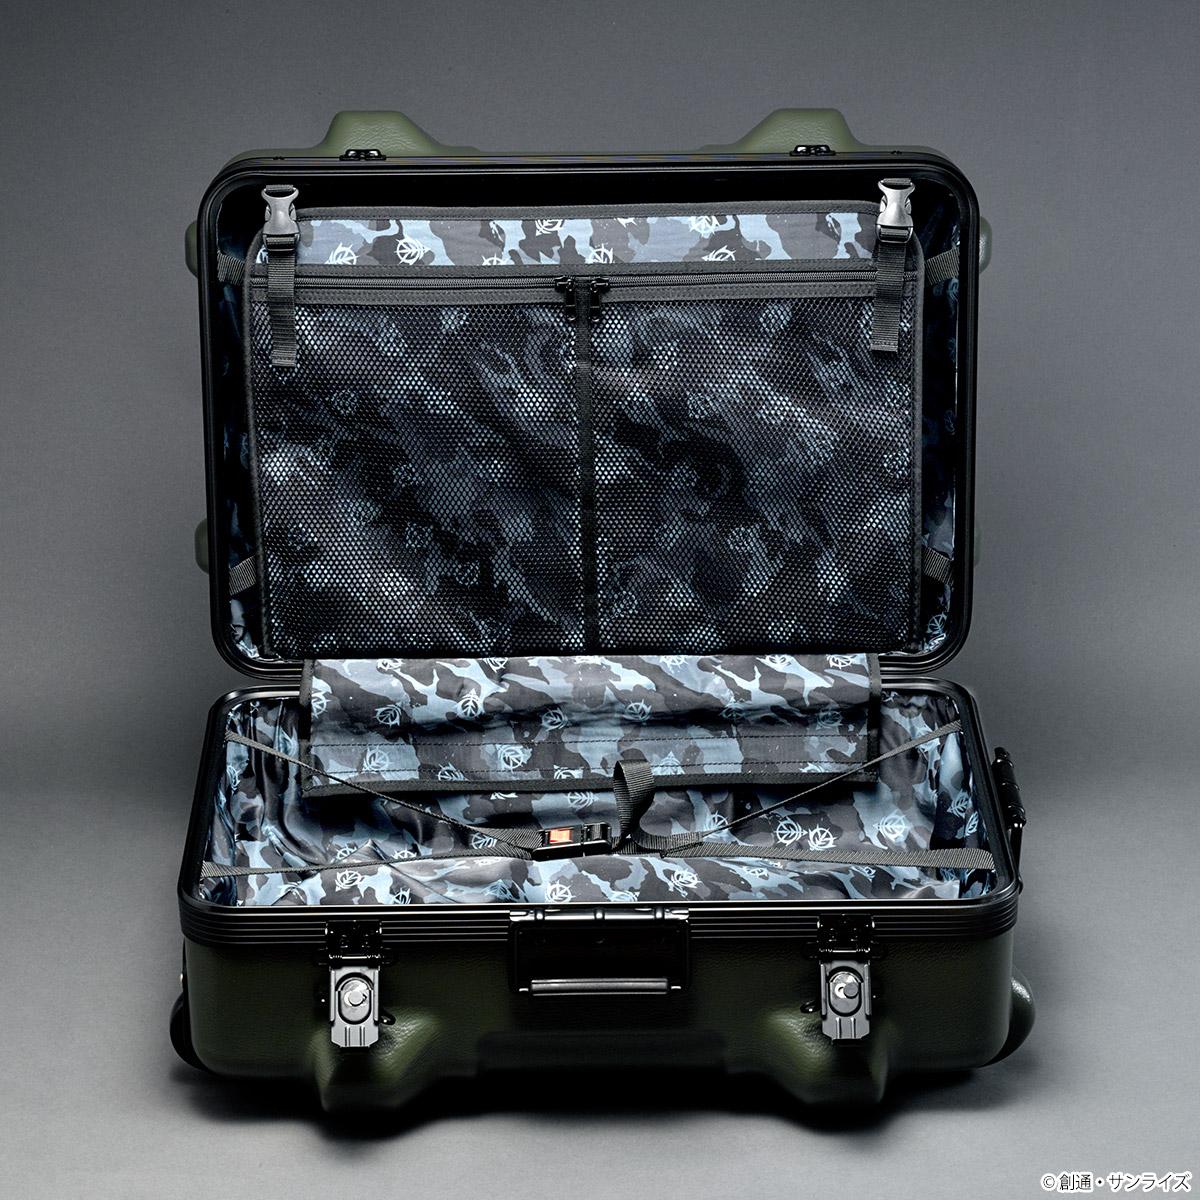 STRICT-G × PROTEX 『機動戦士ガンダム』 CR-4000 キャリーケース ジオン軍モデル